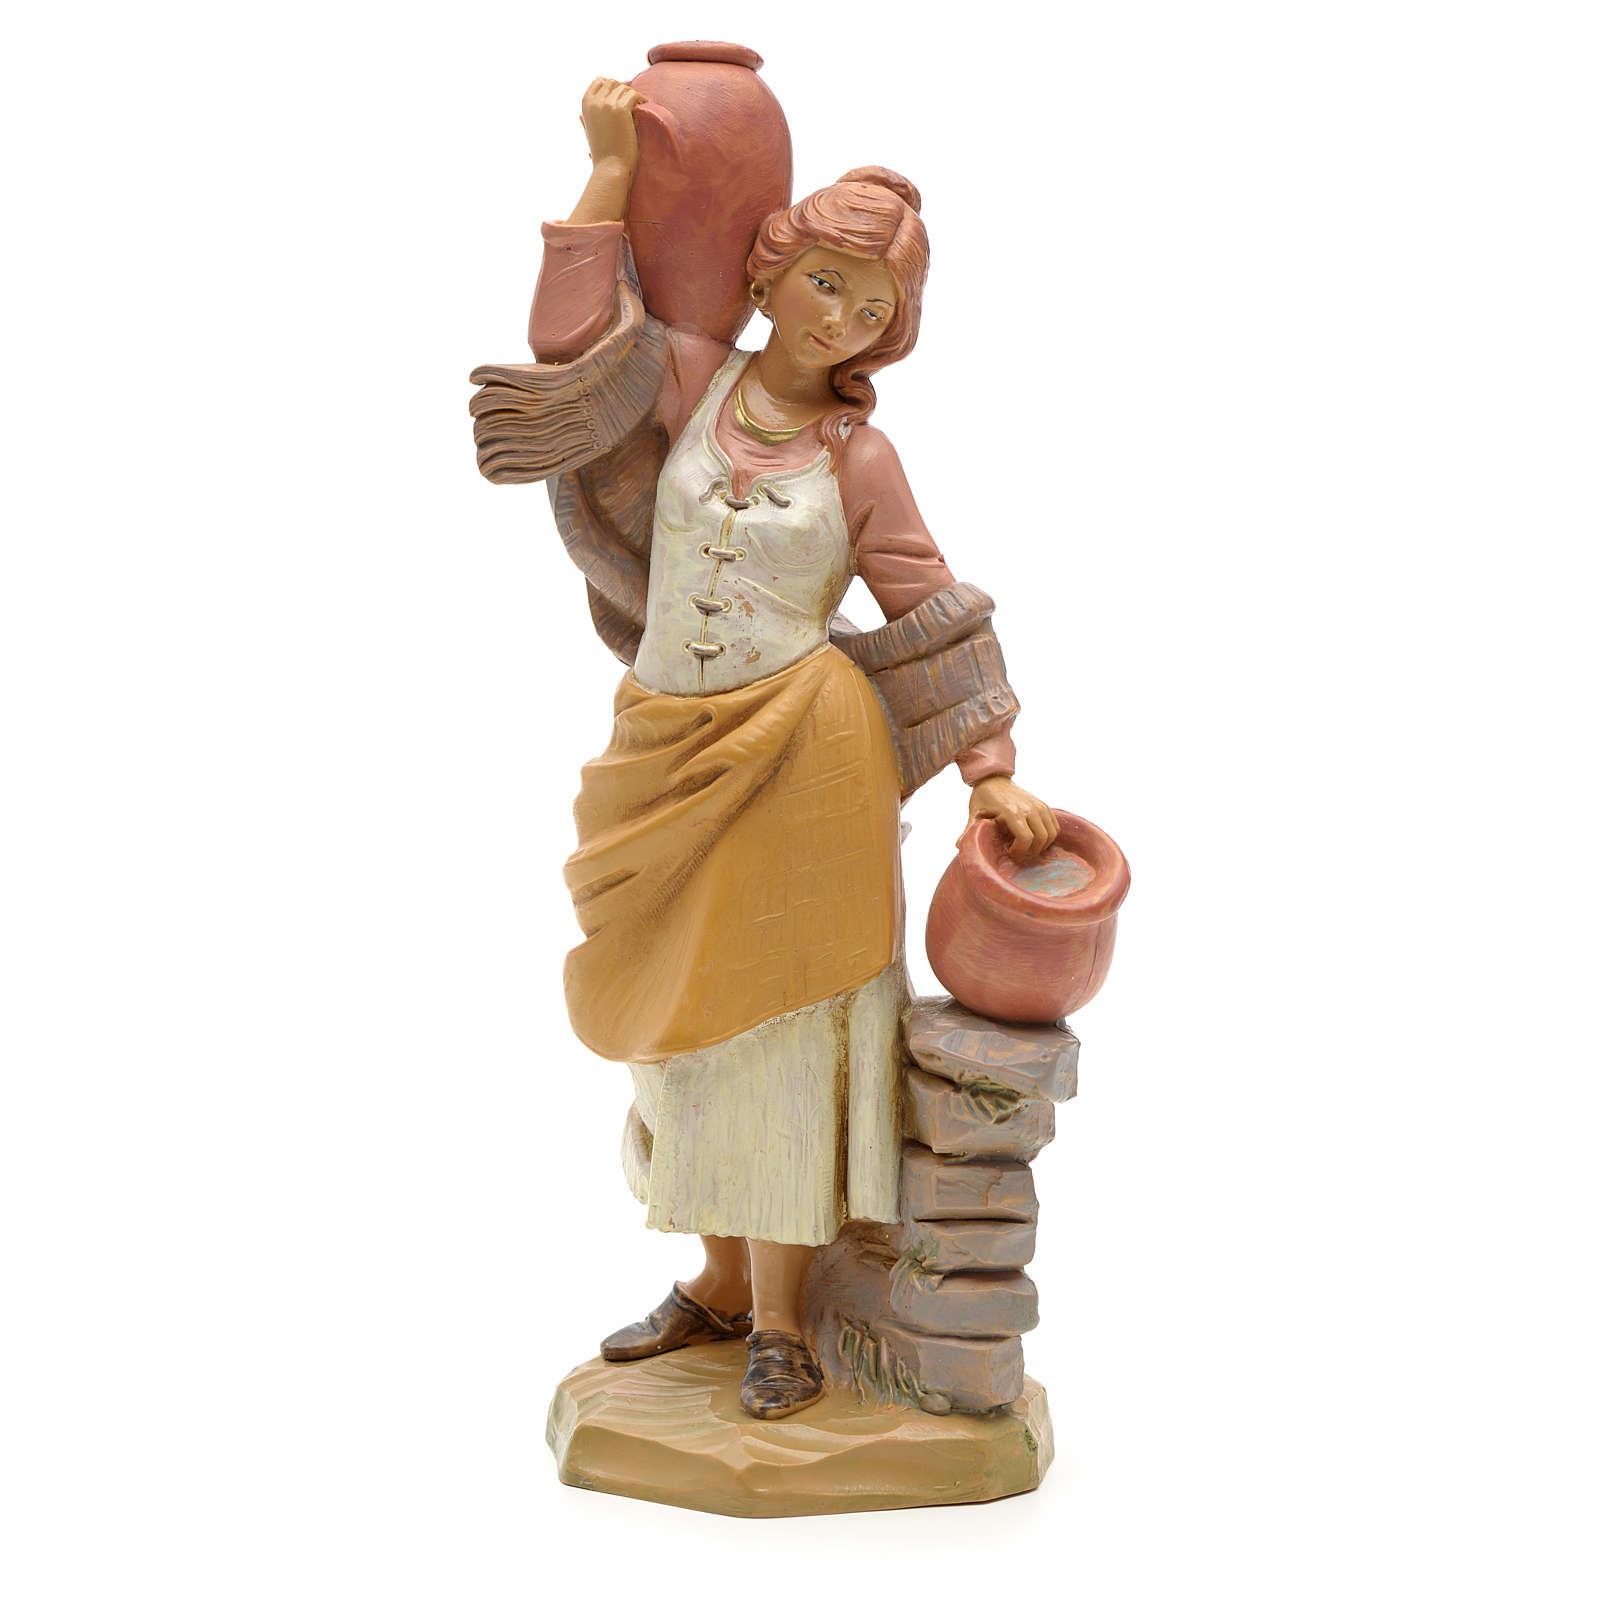 Porteuse de cruches crèche Fontanini 19 cm 3